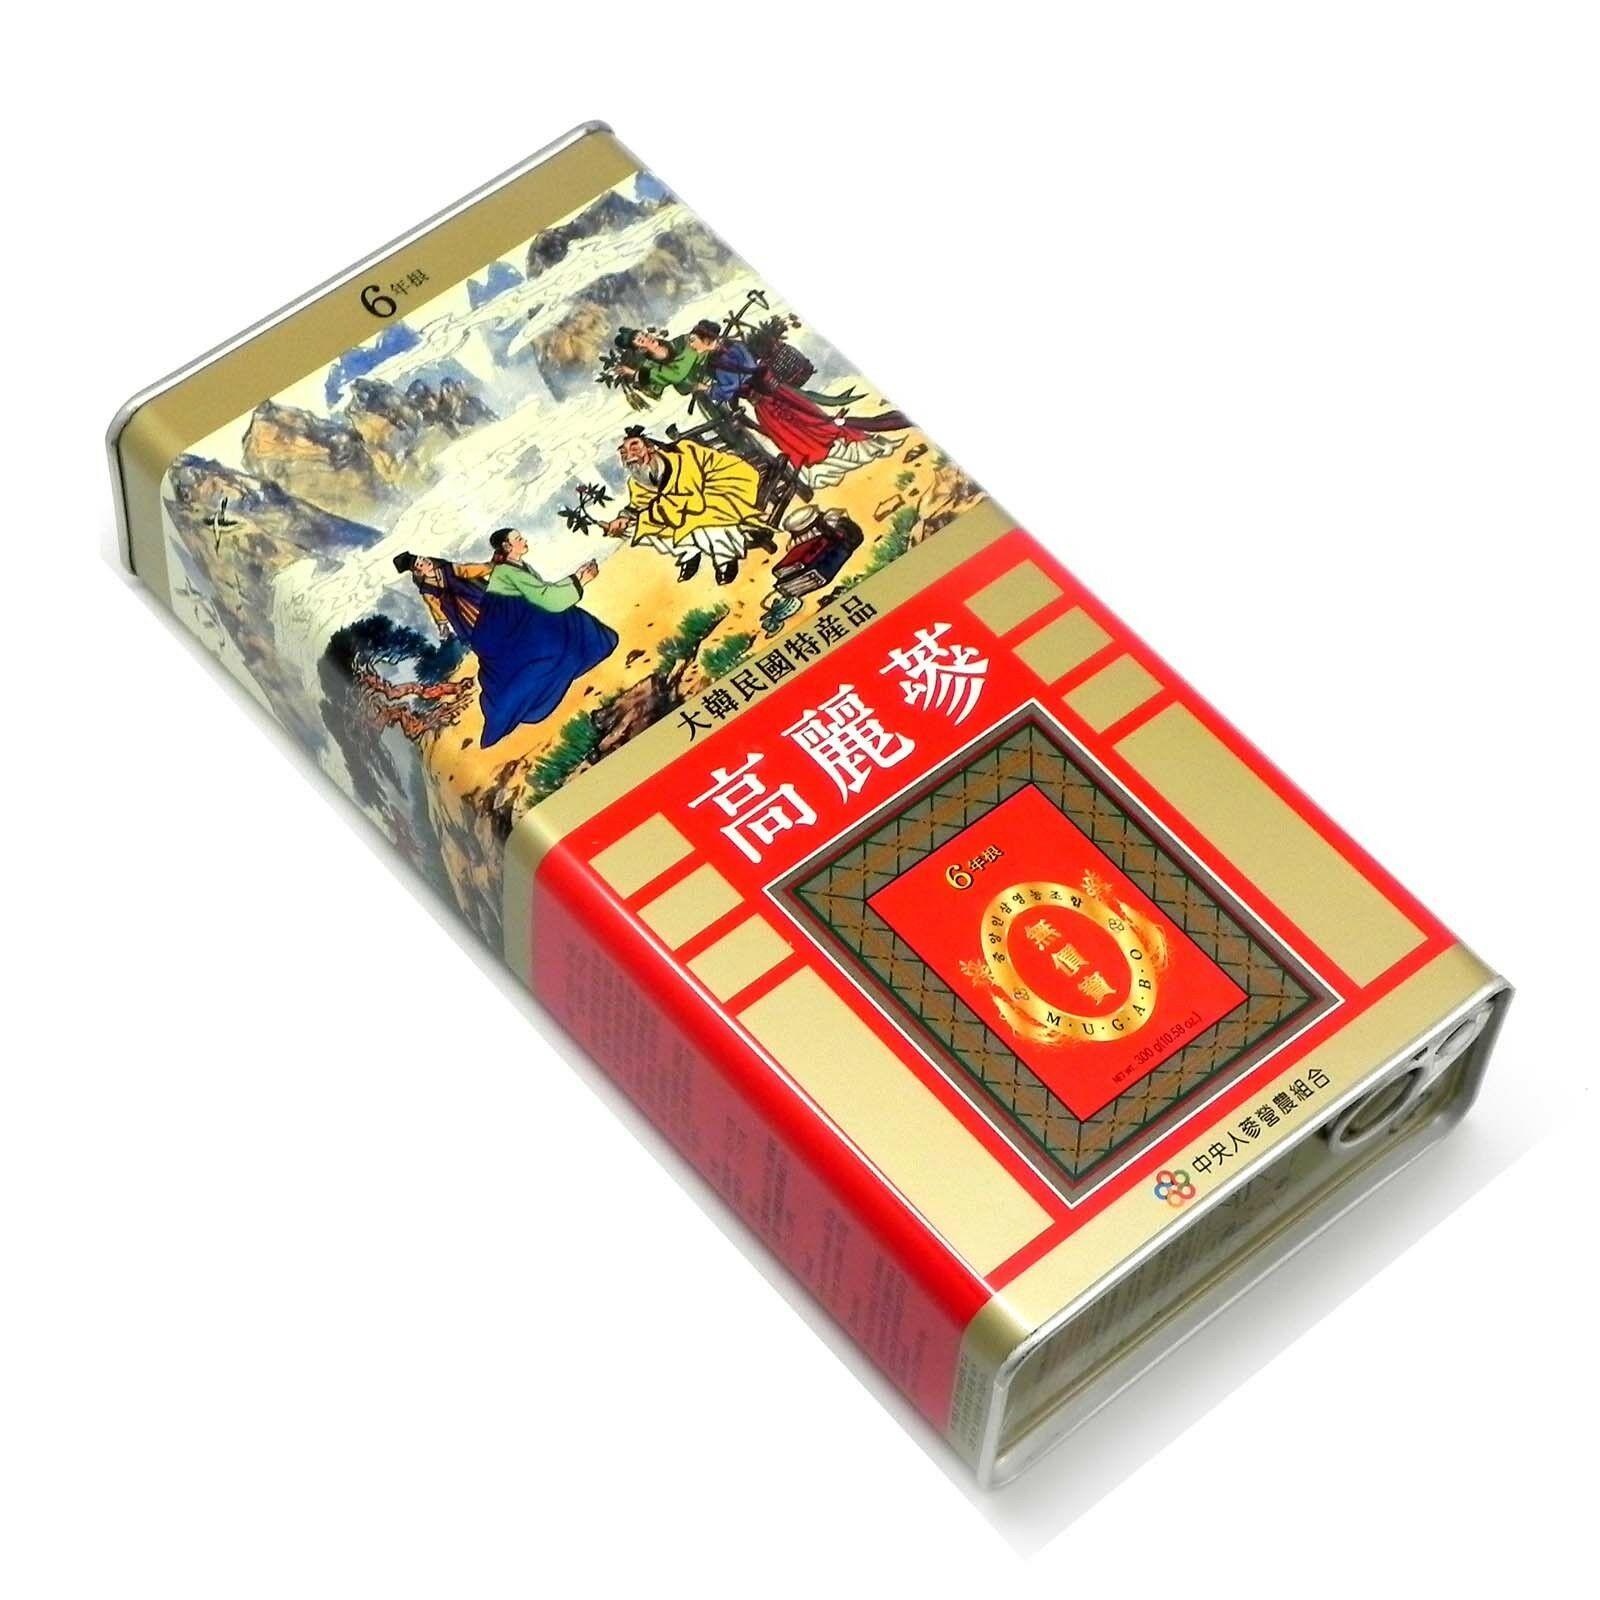 Hồng sâm Hàn Quốc 6 năm tuổi nguyên củ hộp sắt 10 củ 300g